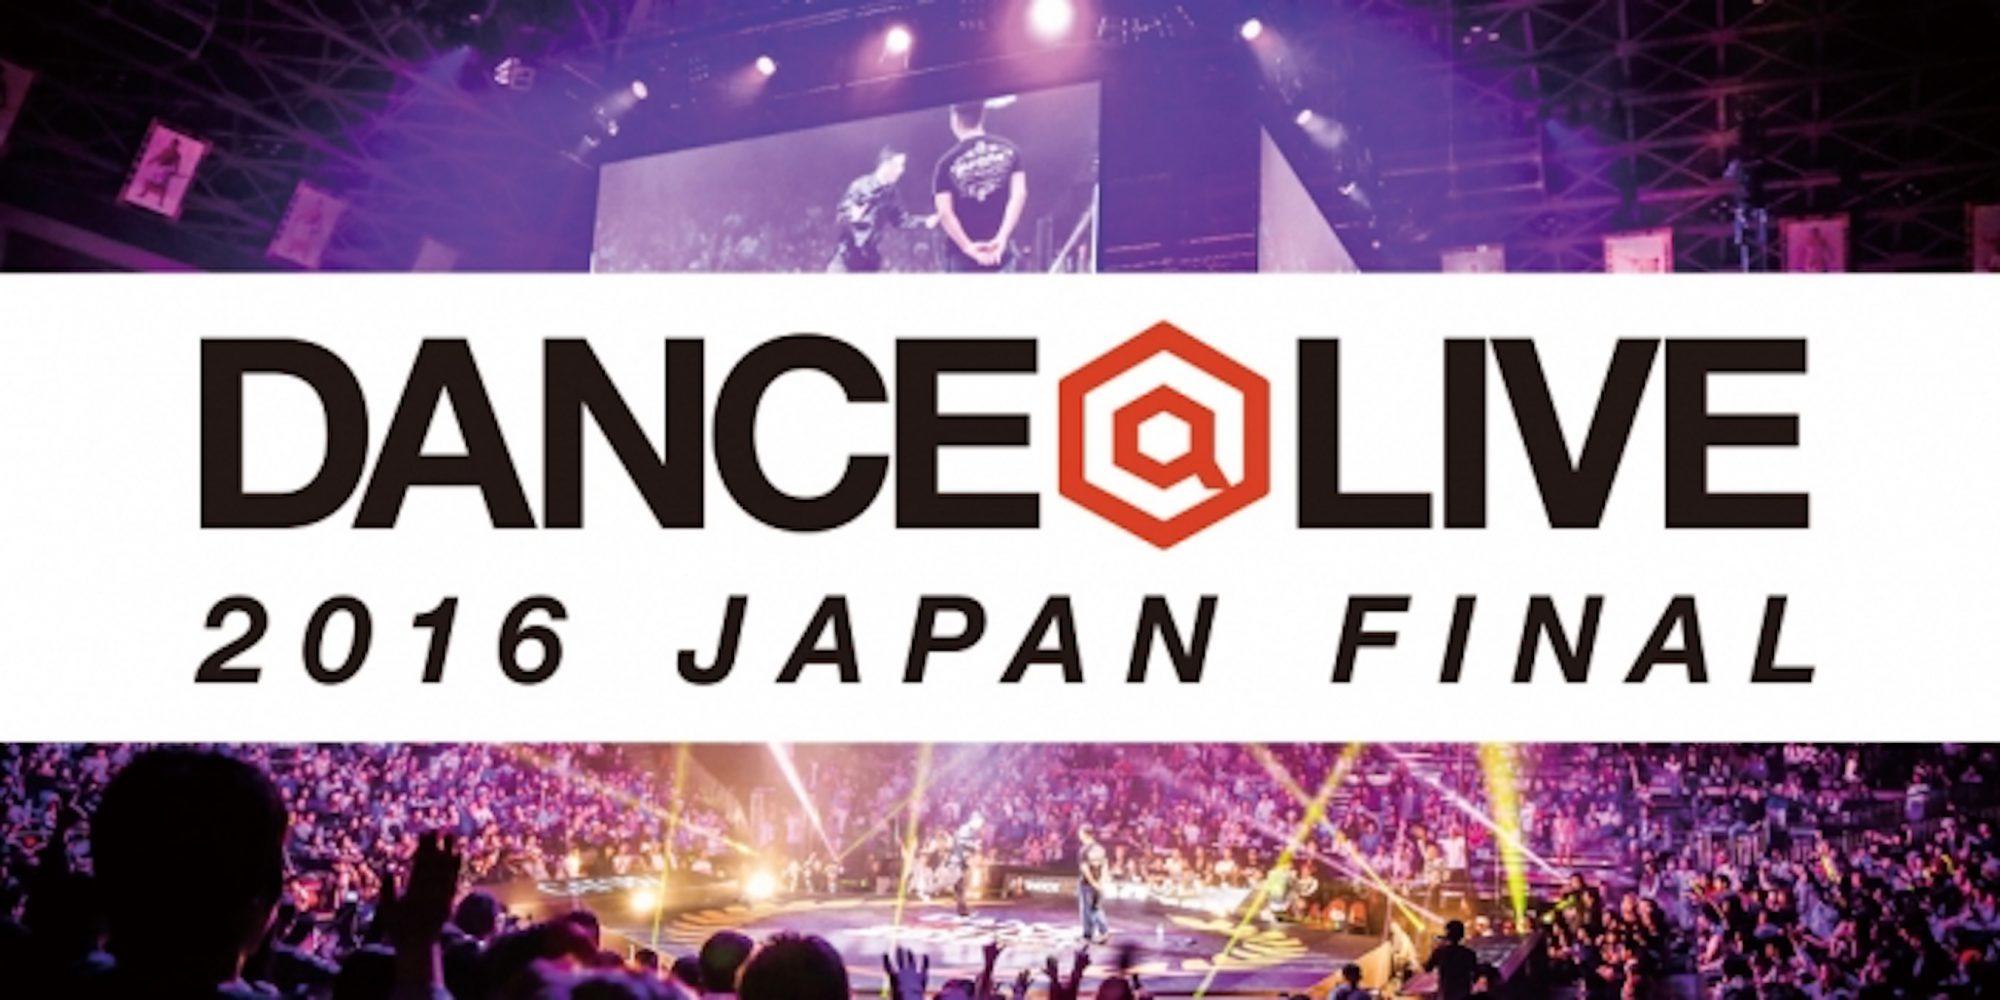 日本最大規模のストリートダンスバトルトーナメント「DANCE@LIVE」開催!升席S・Aが即完の人気大会!日本7地区代表が両国国技館で日本一を争う!